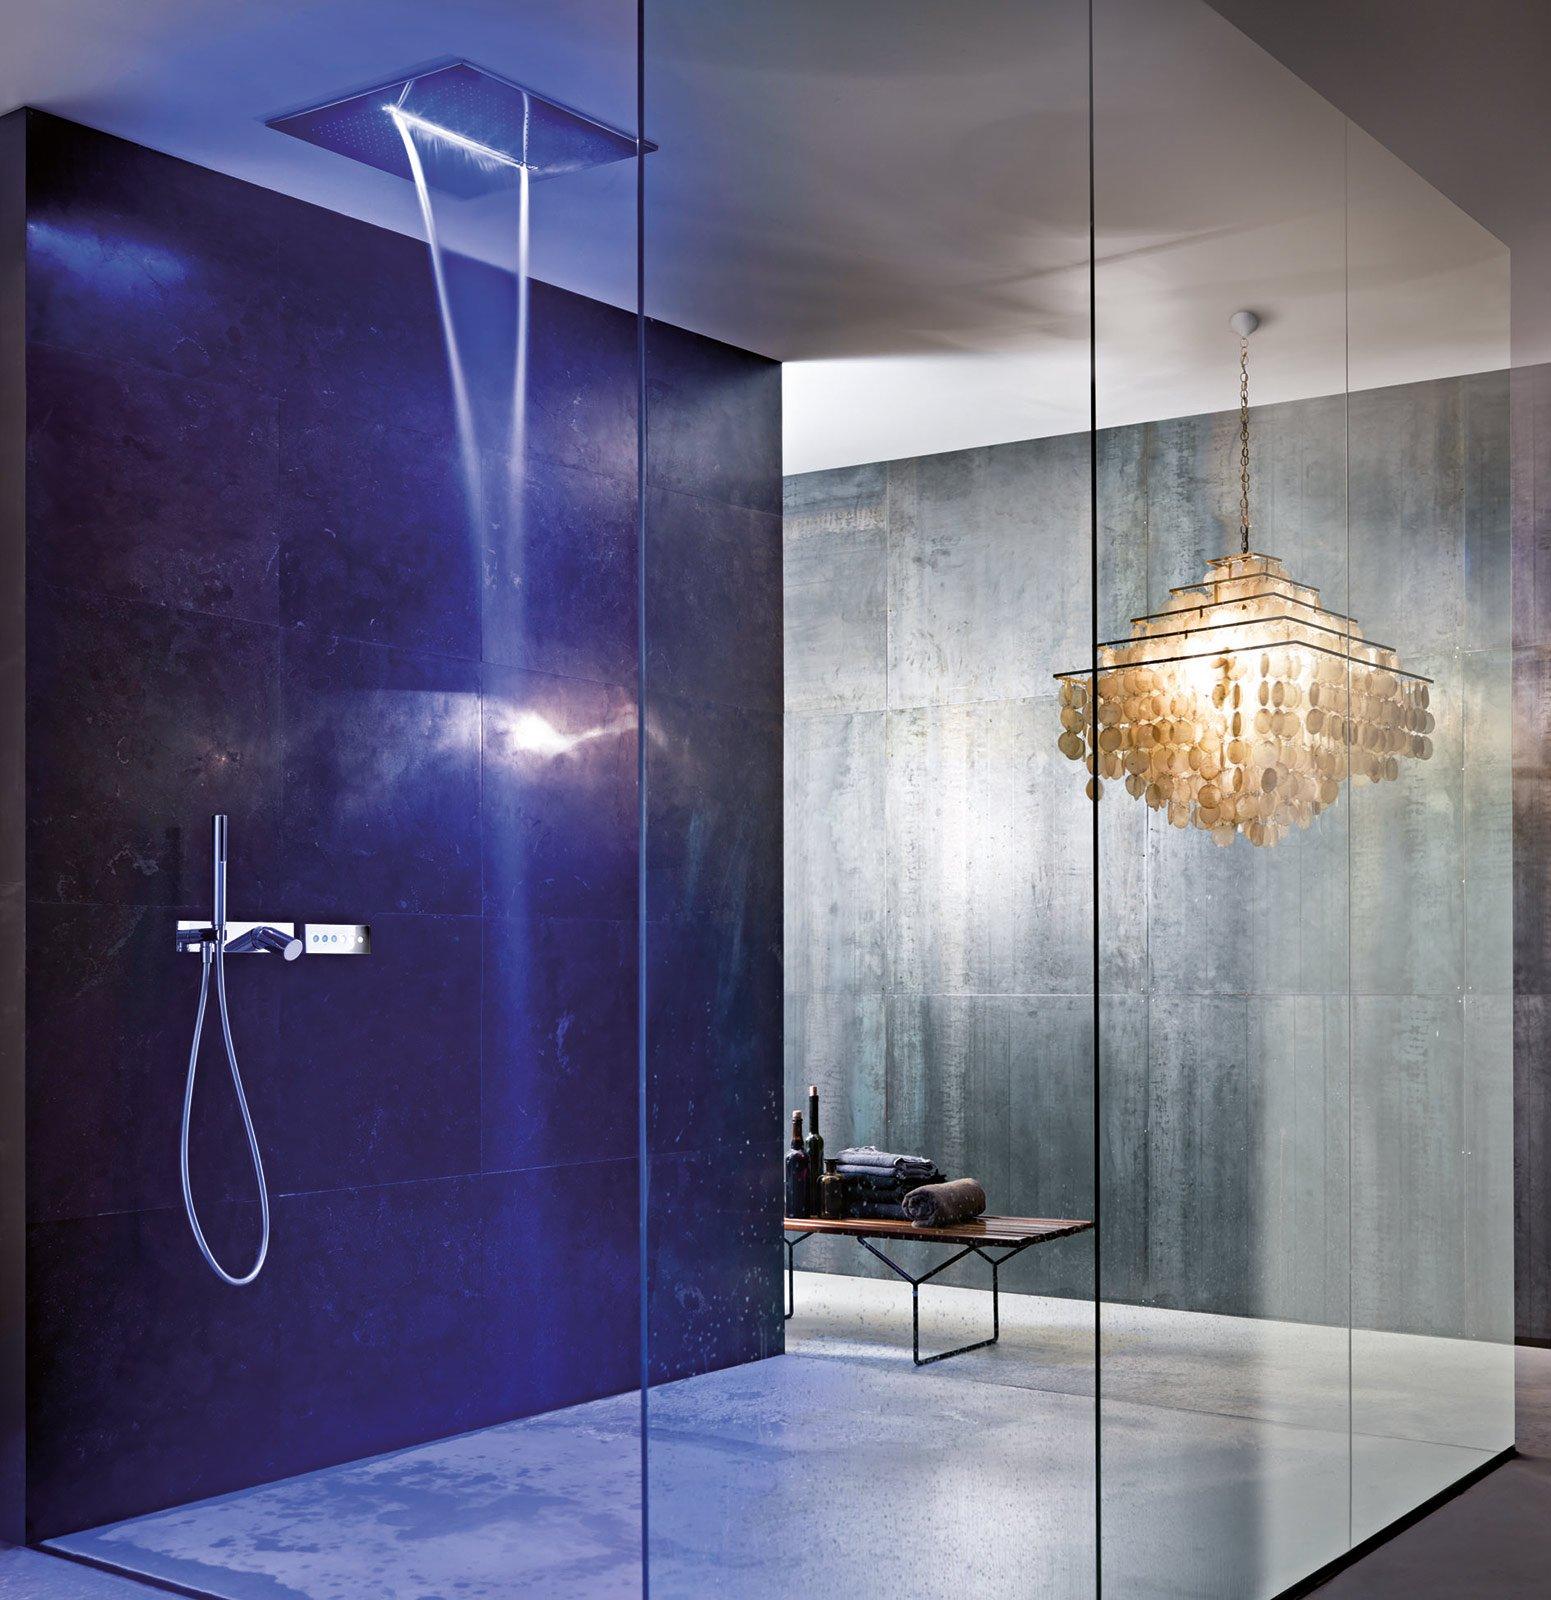 Rubinetteria soffioni per la doccia cose di casa - Soffione doccia soffitto ...